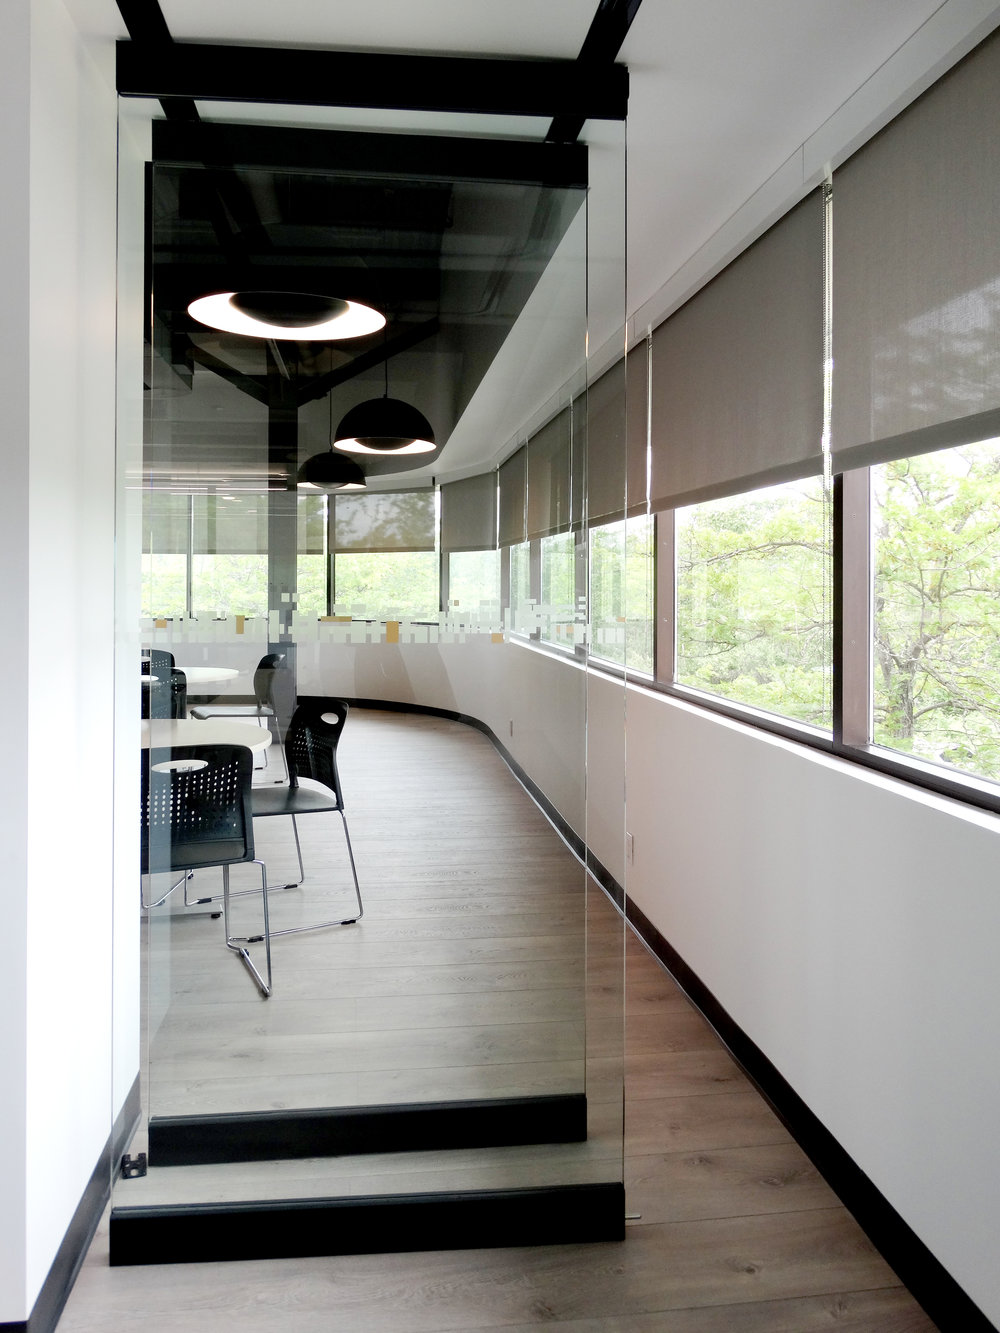 Illume Frameless Glass Stacking Panels Rails - Spaceworks AI.jpg